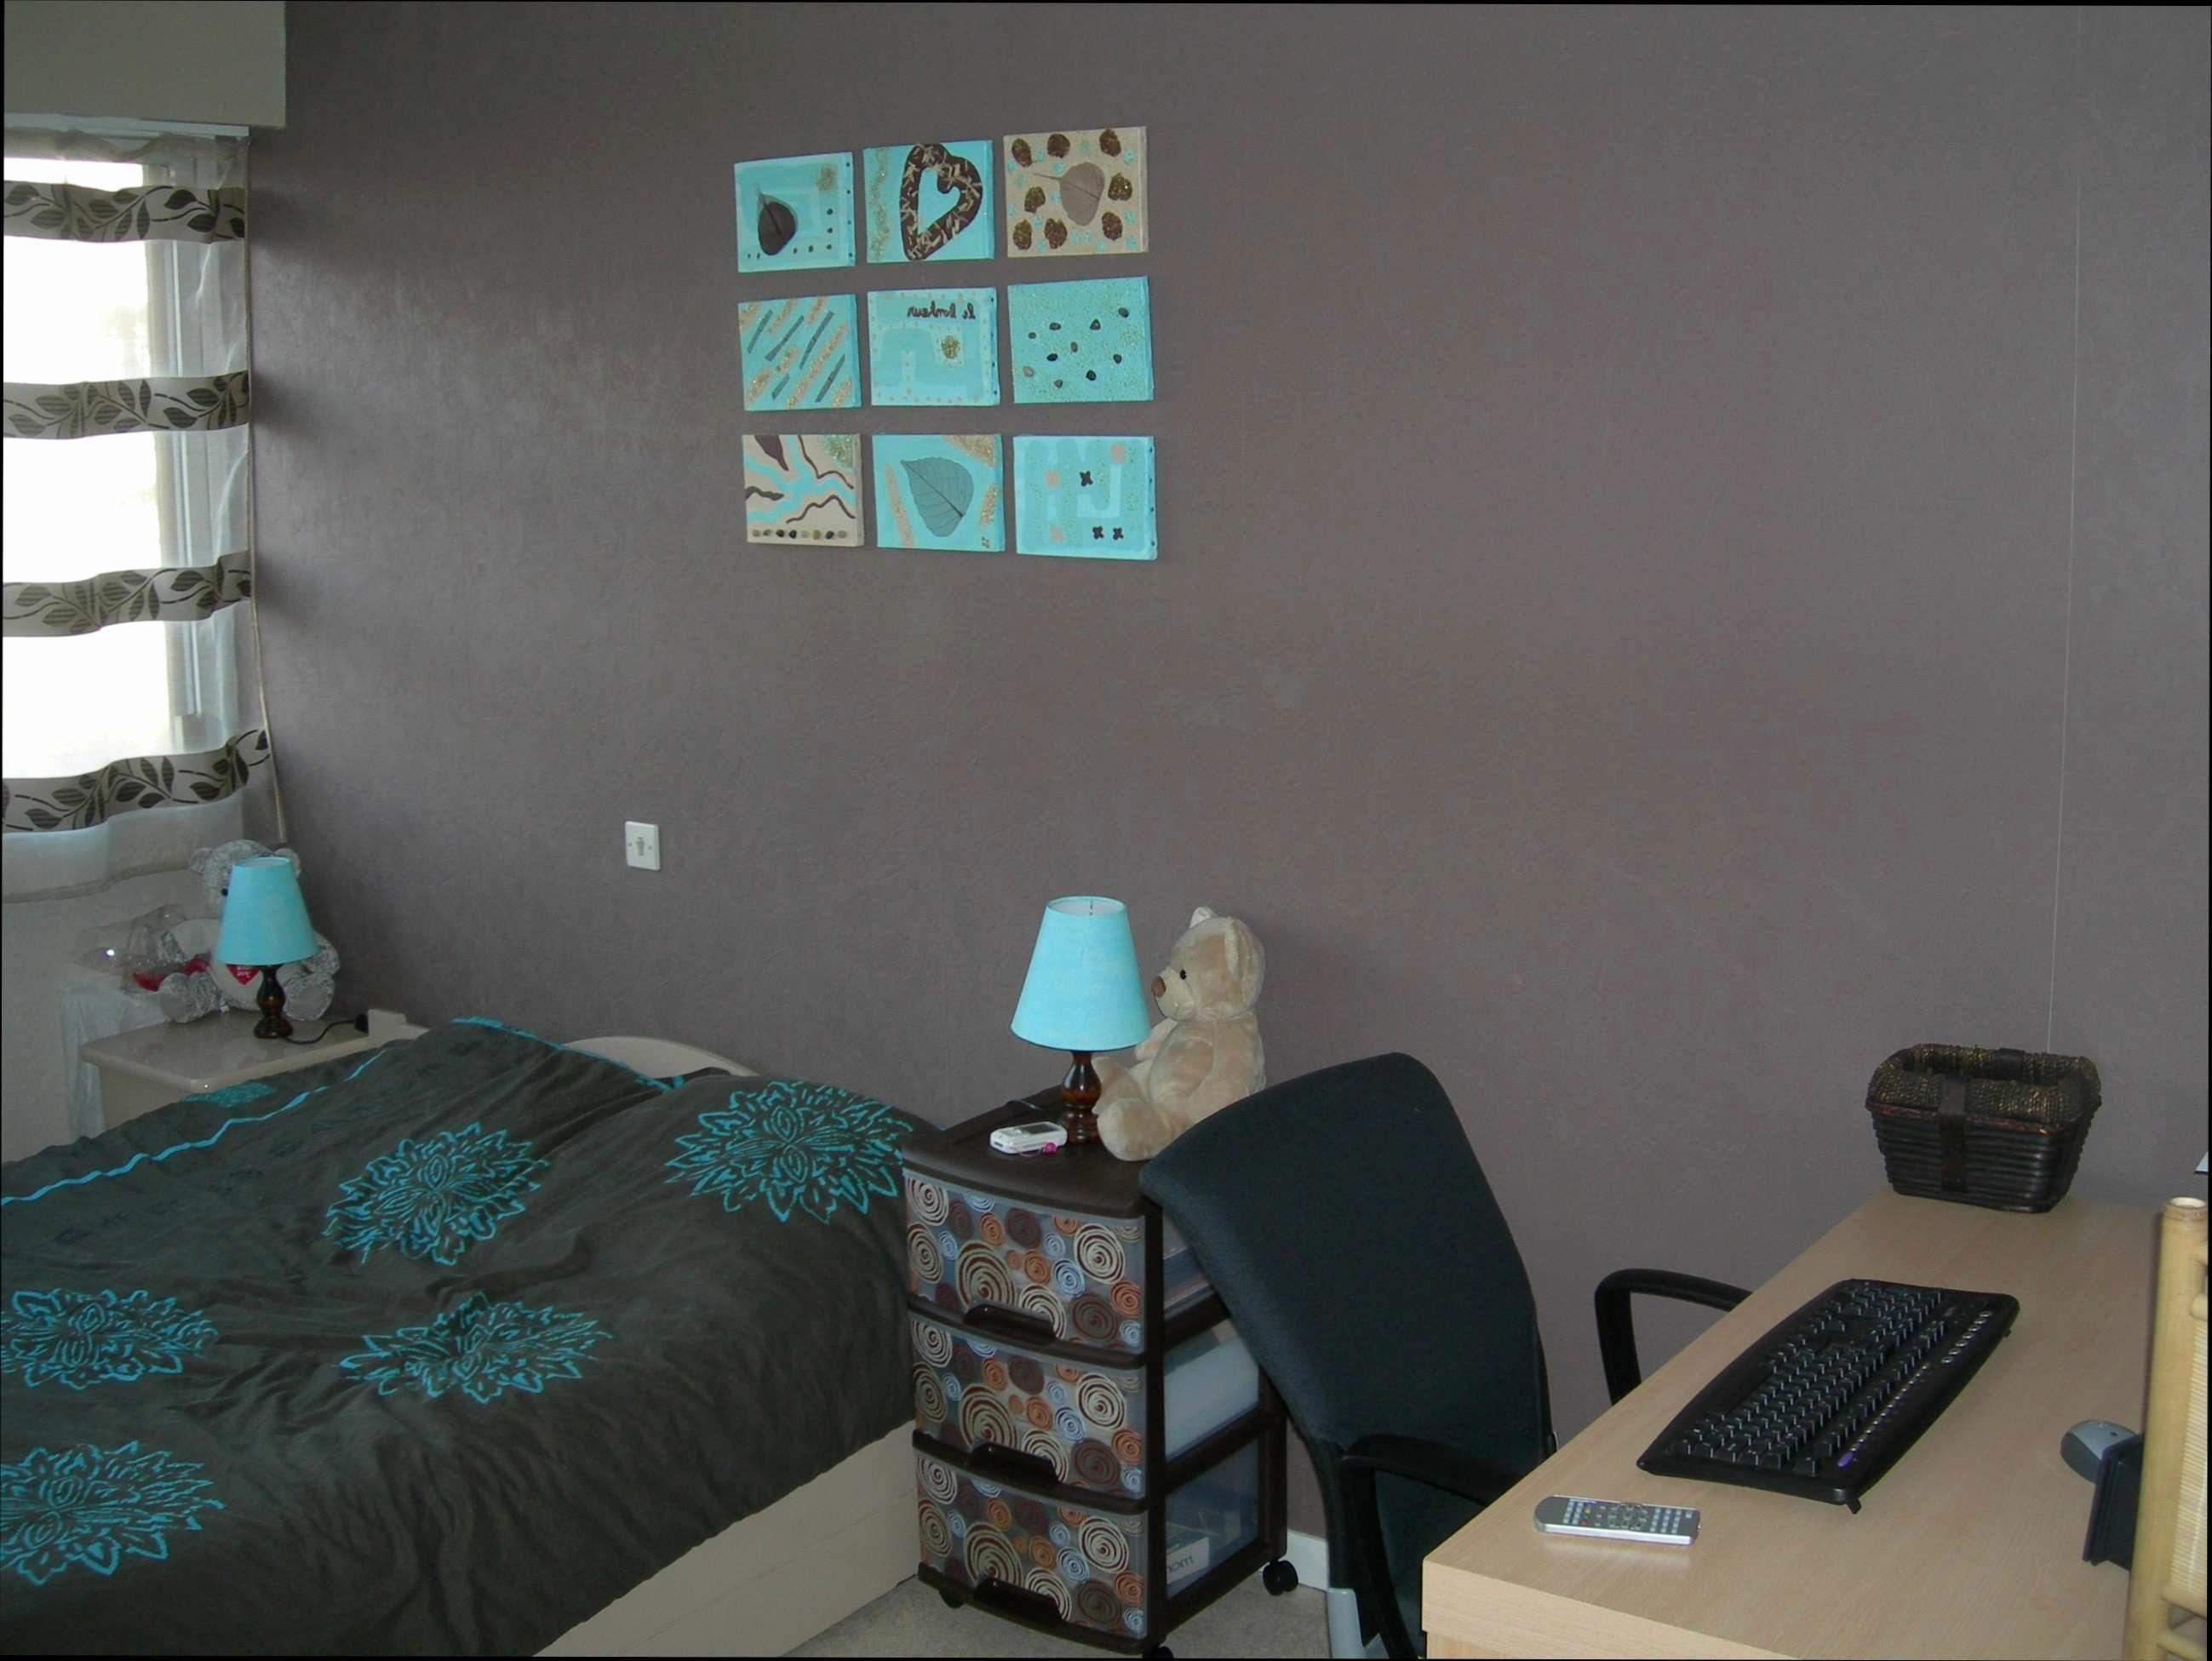 Lit Bébé Quax Impressionnant Tapis Chambre Bébé Pas Cher Luxe Tapis Chambre Bébé Bleu Parc B C3